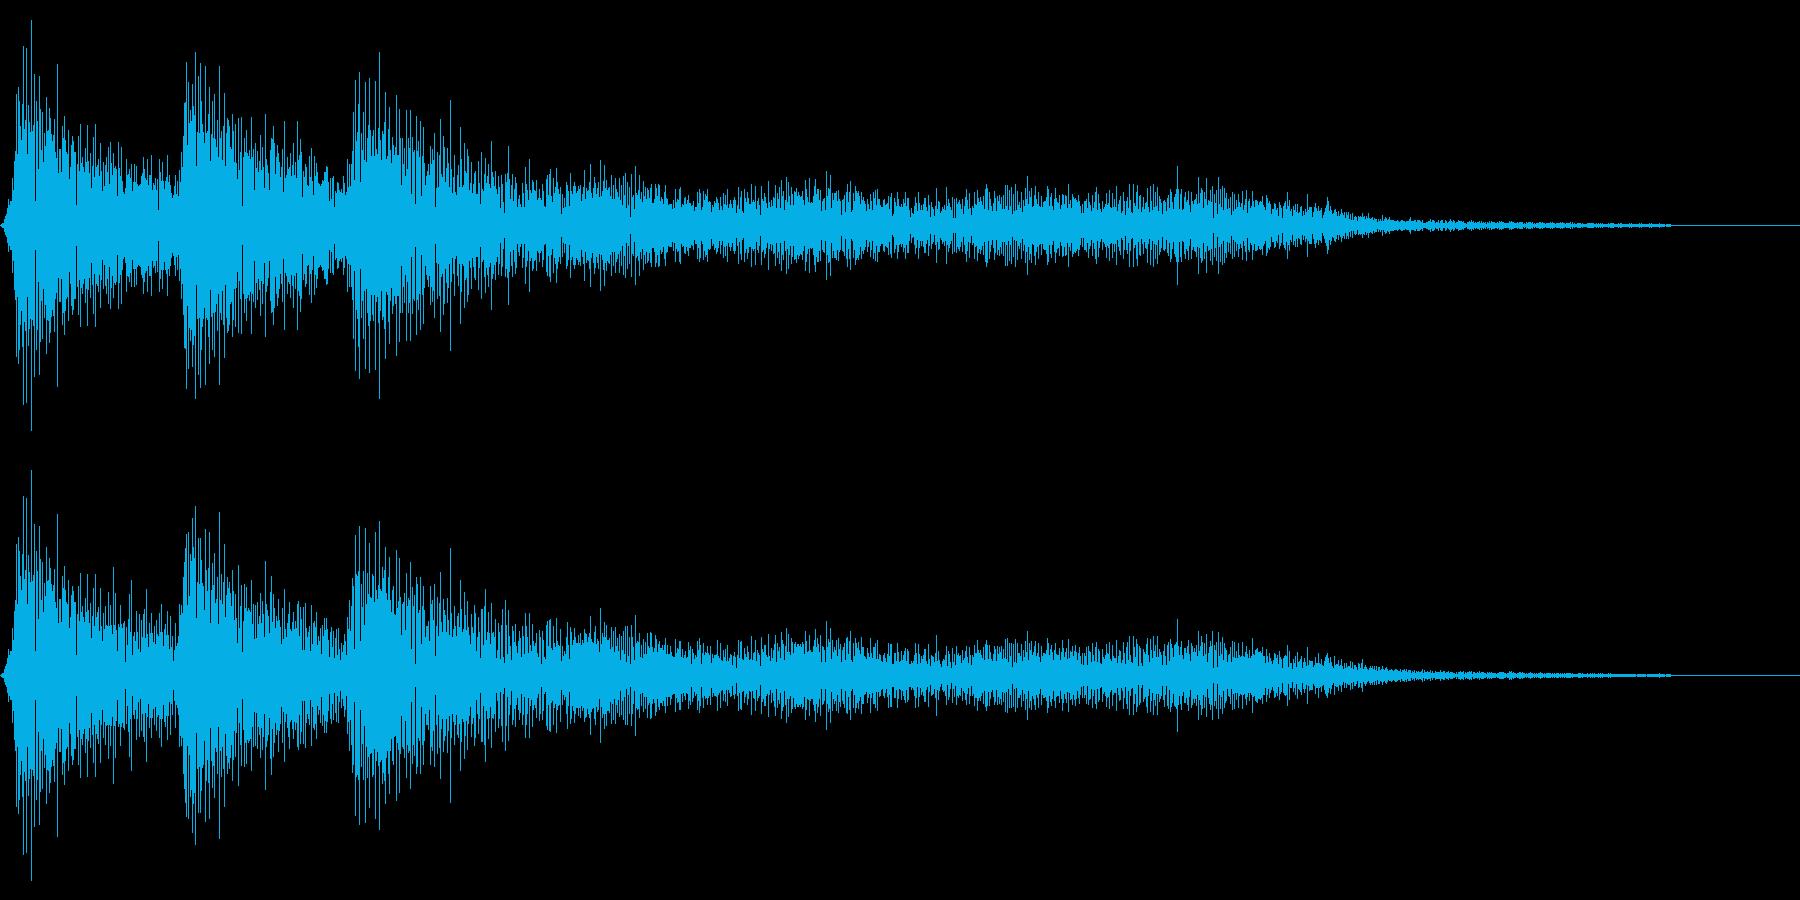 レトロなミス音 ゲームオーバー 失敗の再生済みの波形